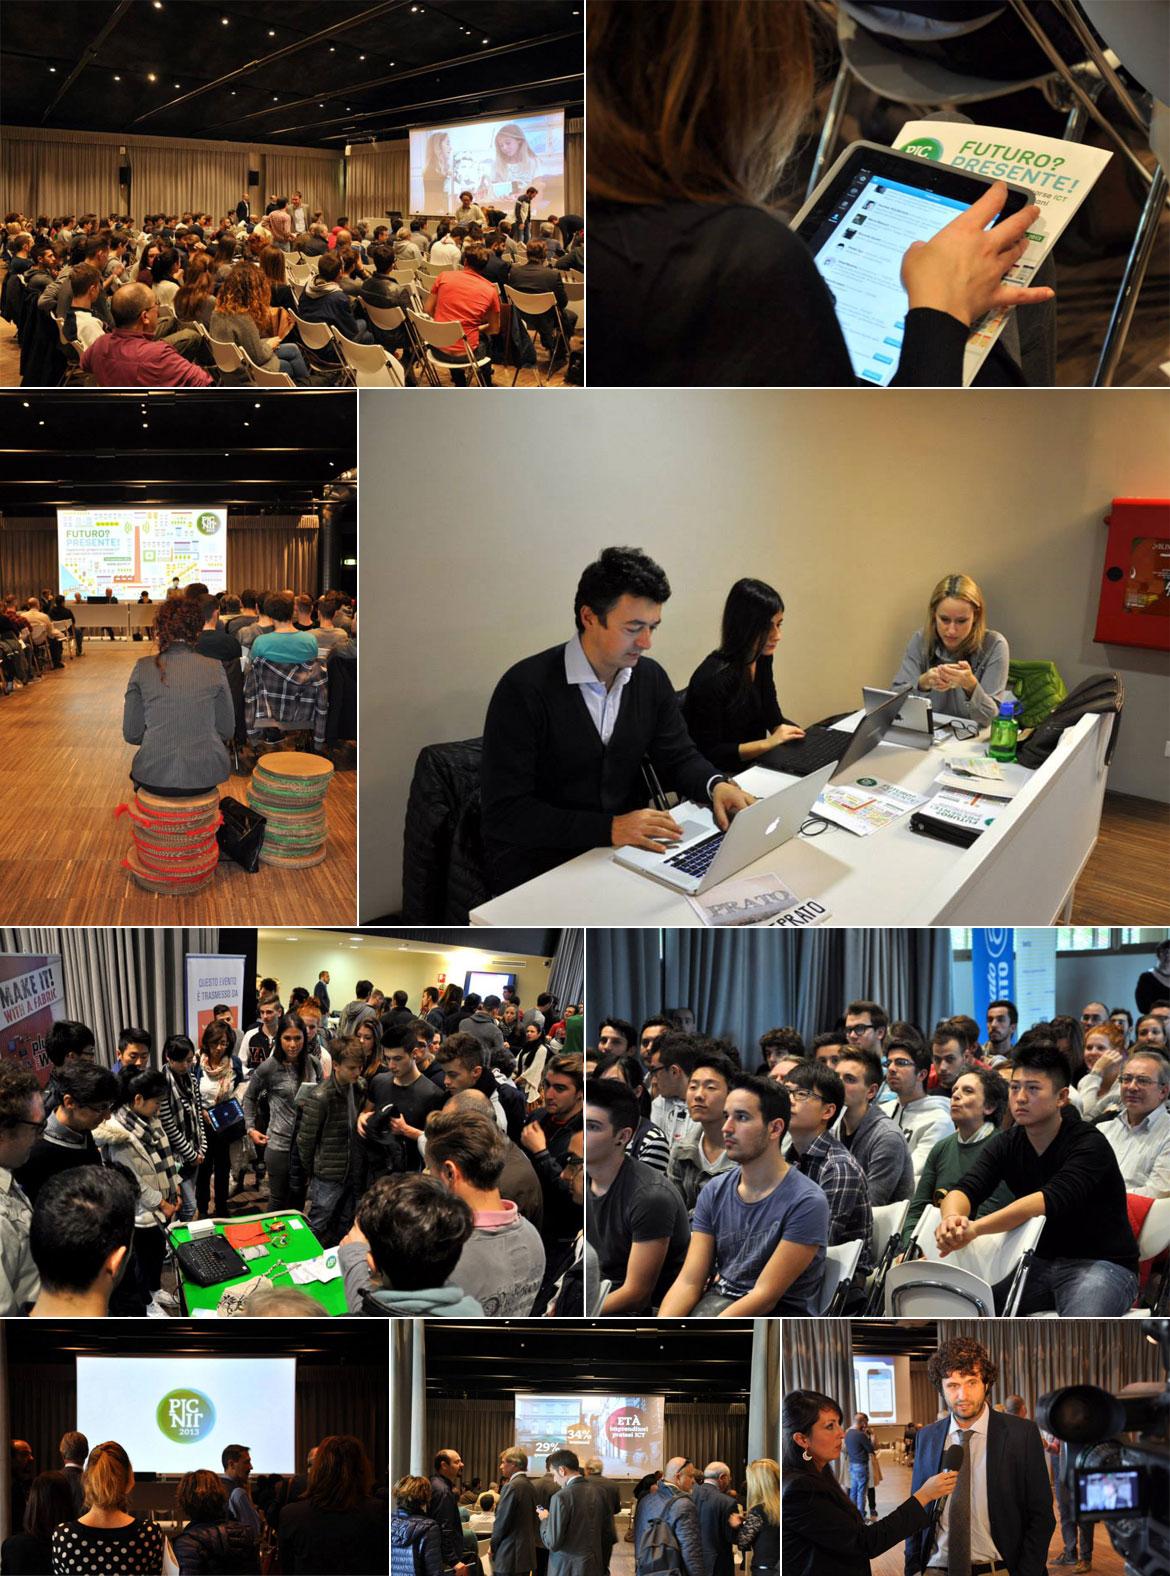 foto-evento-picnit-2013